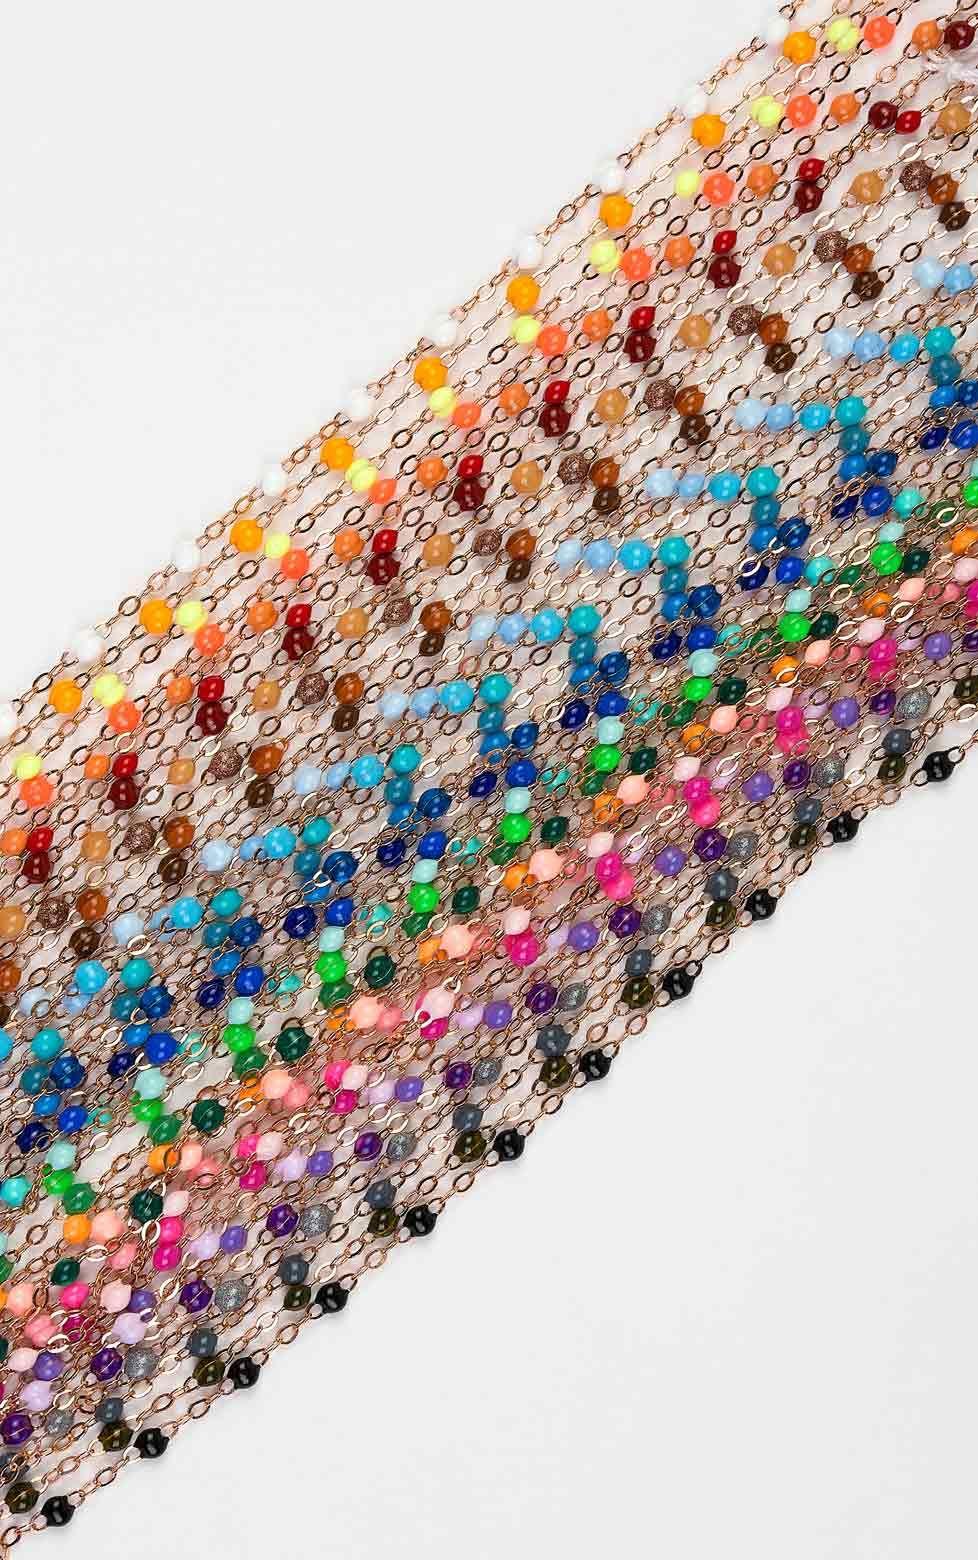 ösztönözni Személy Elolvas Bracelet Imitation Gigi Clozeau 1stcpo Com